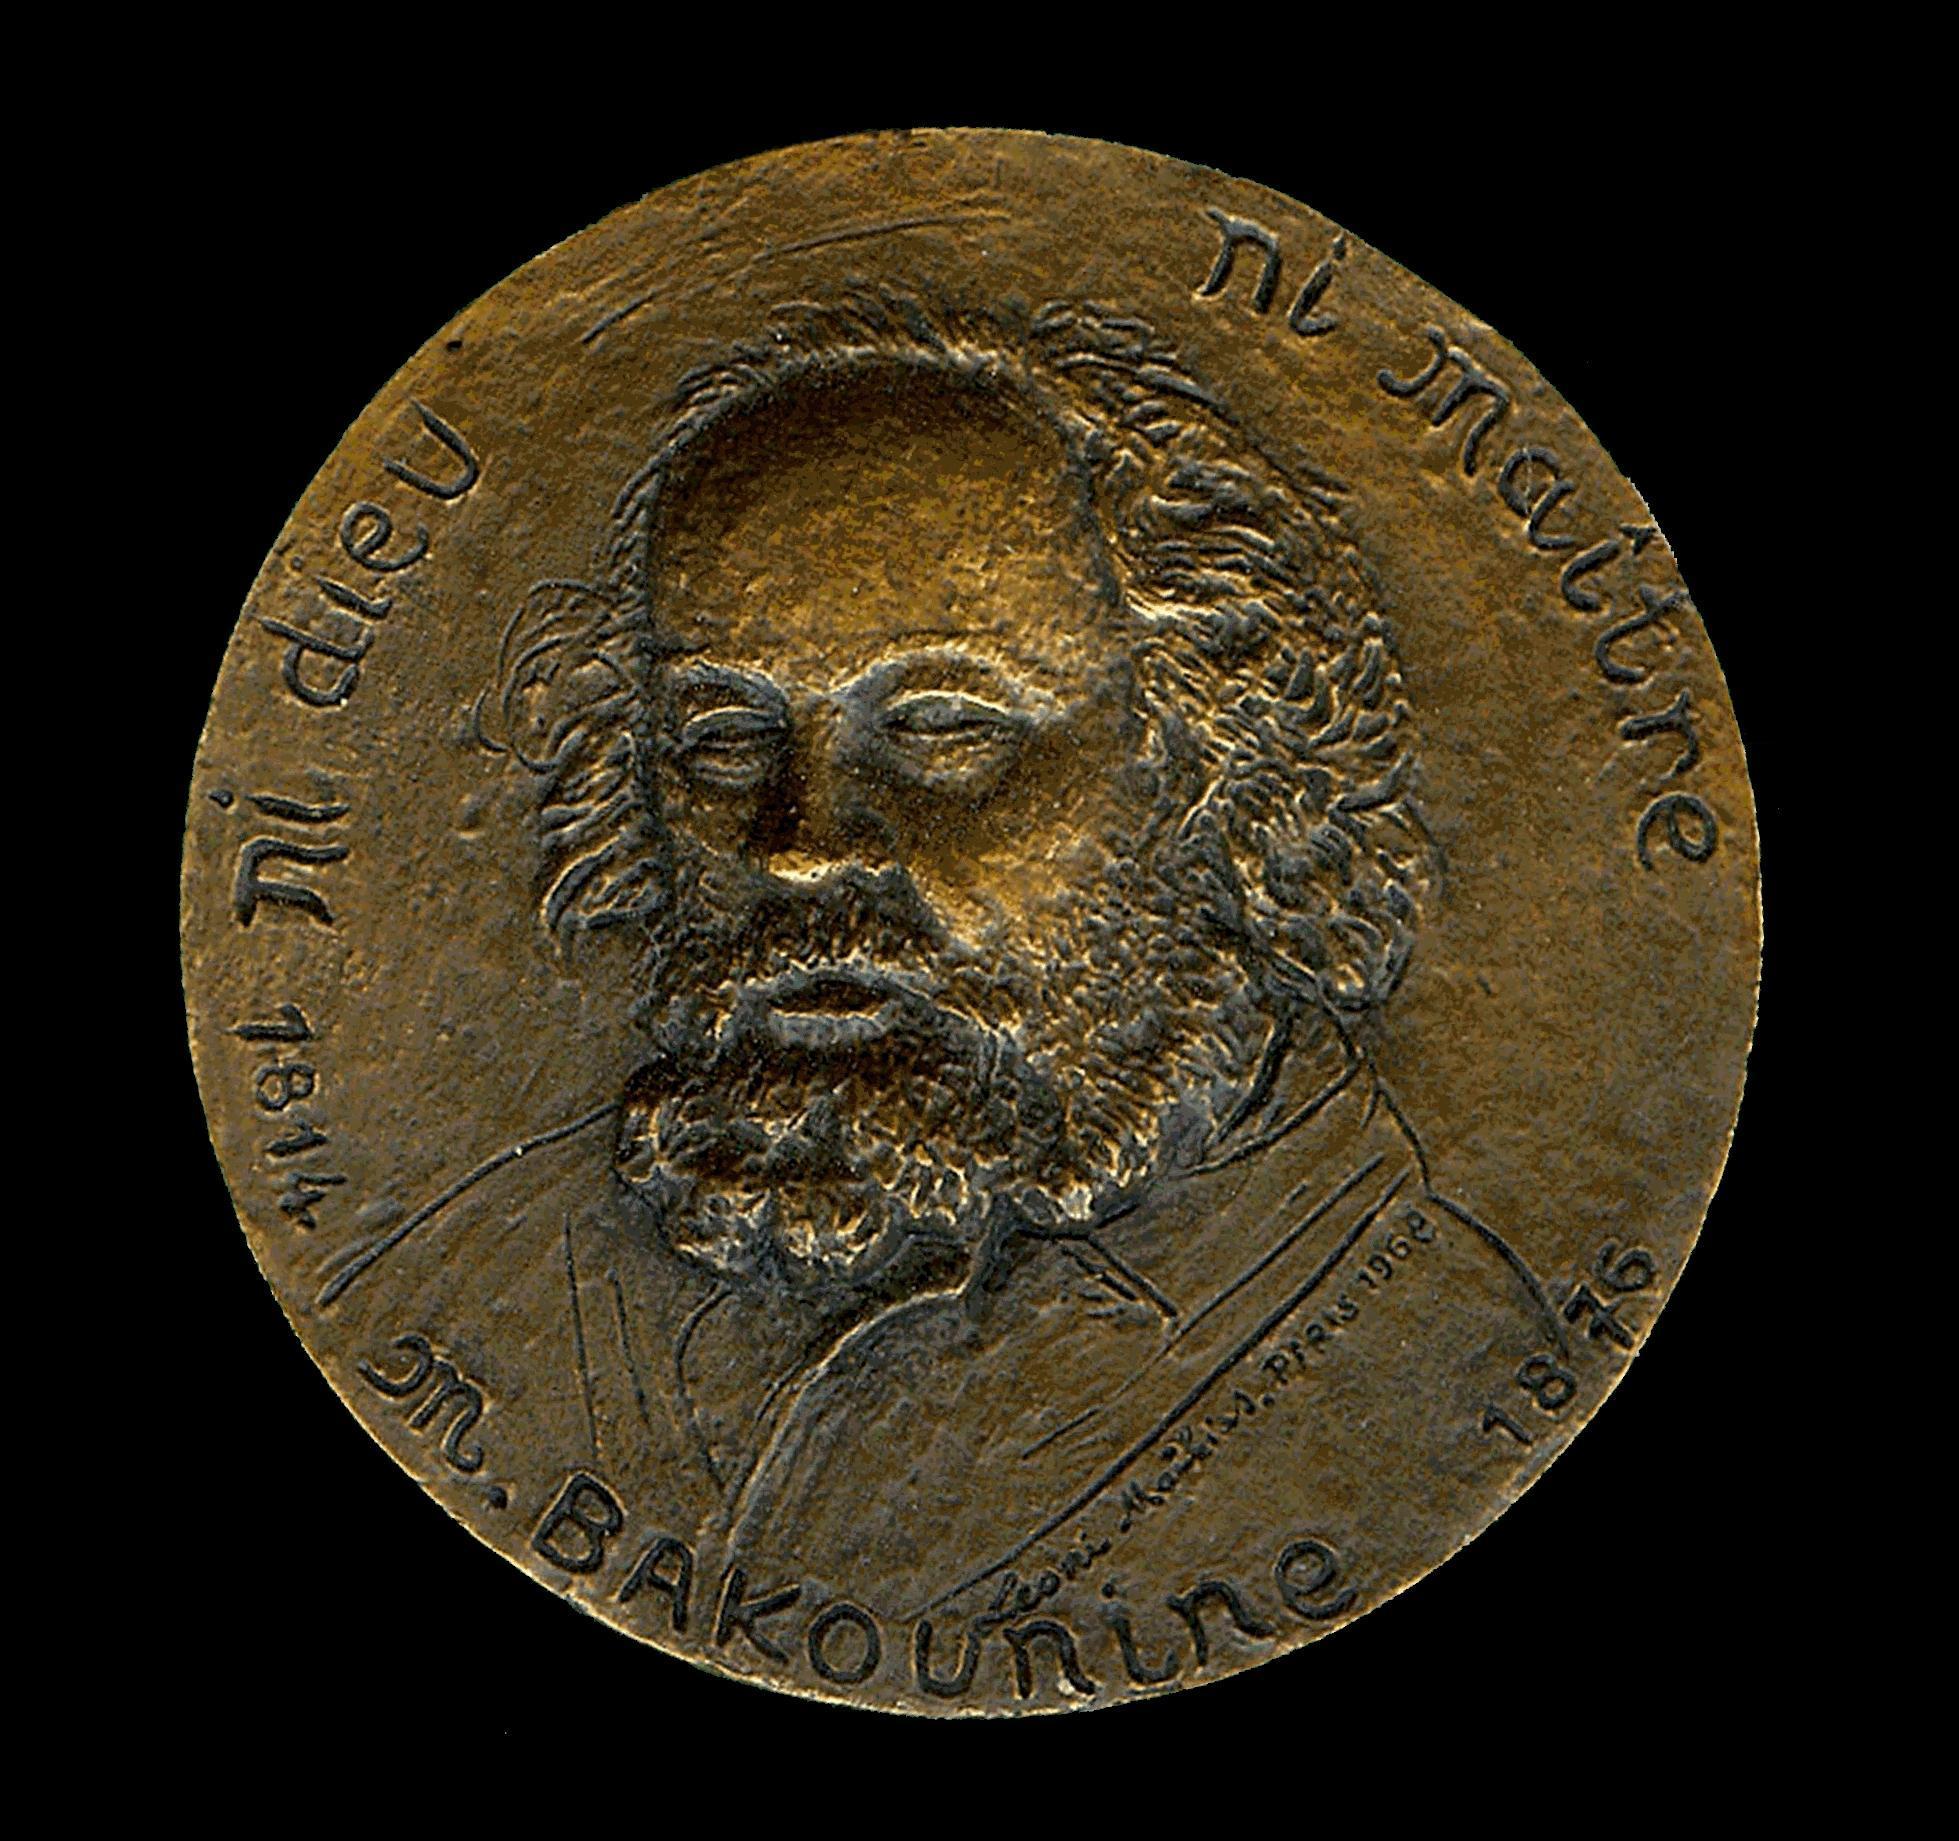 Medalla de Bakunin realitzada per Mattia Léoni (1968)